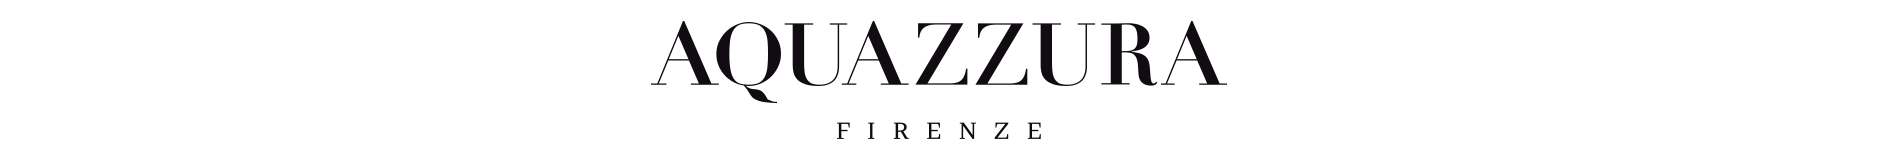 Aquazzura Shoes at Bergdorf Goodman